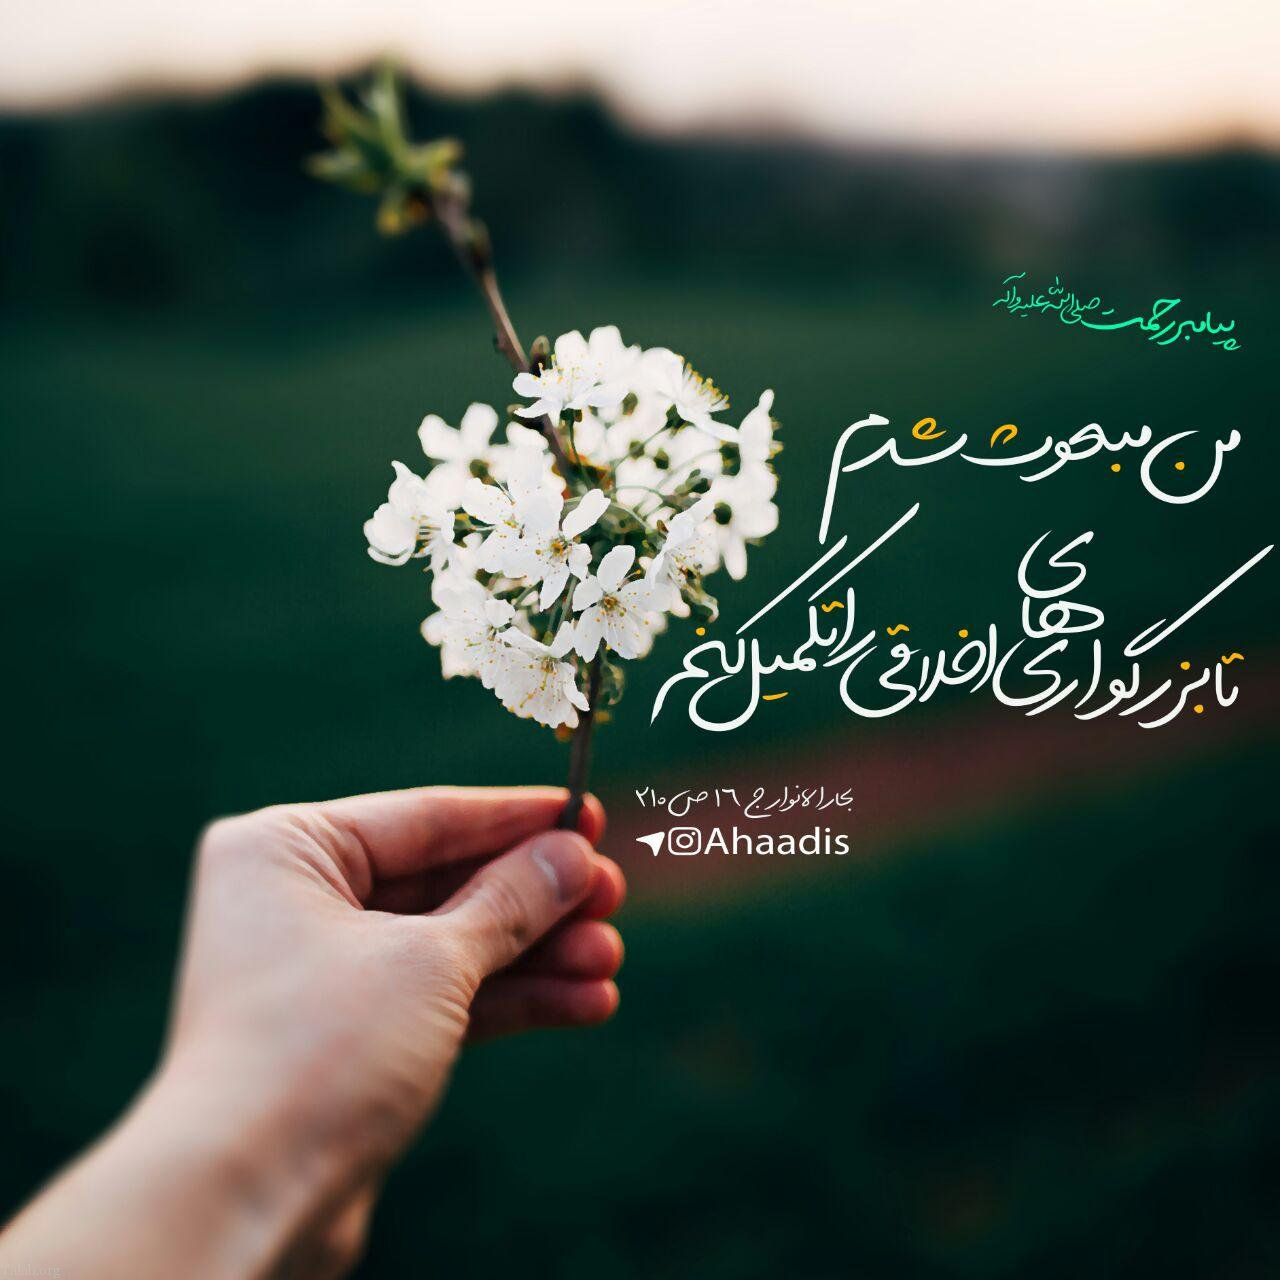 متن تبریک عید مبعث حضرت رسول اکرم (ص) | عکس تبریک روز مبعث